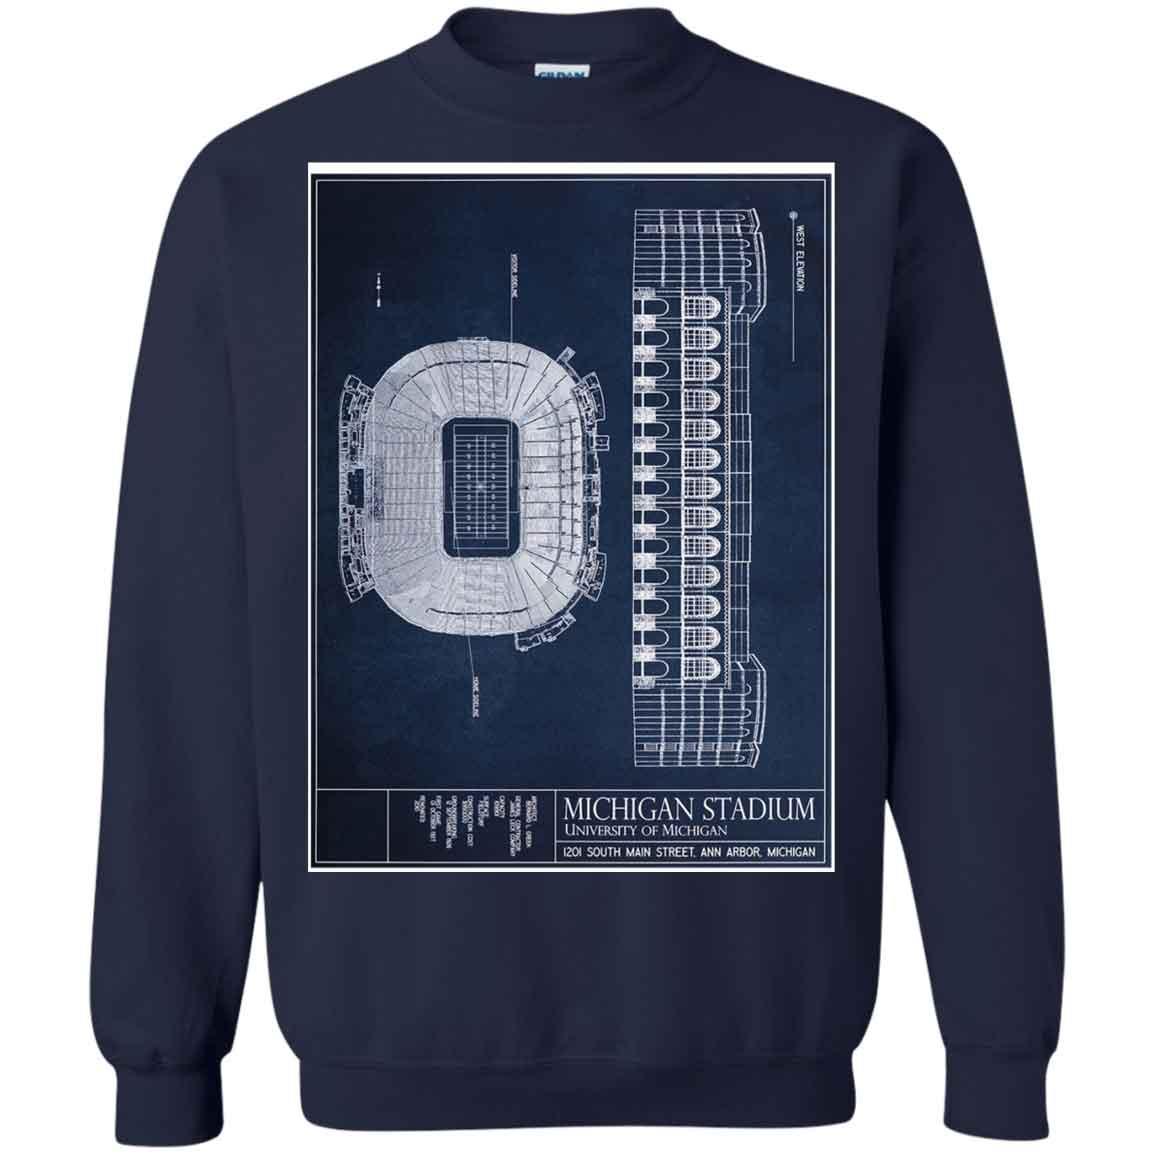 Michigan Stadium Michigan Stadium University Of Michigan Hoodies Sweatshirts 8052fe724